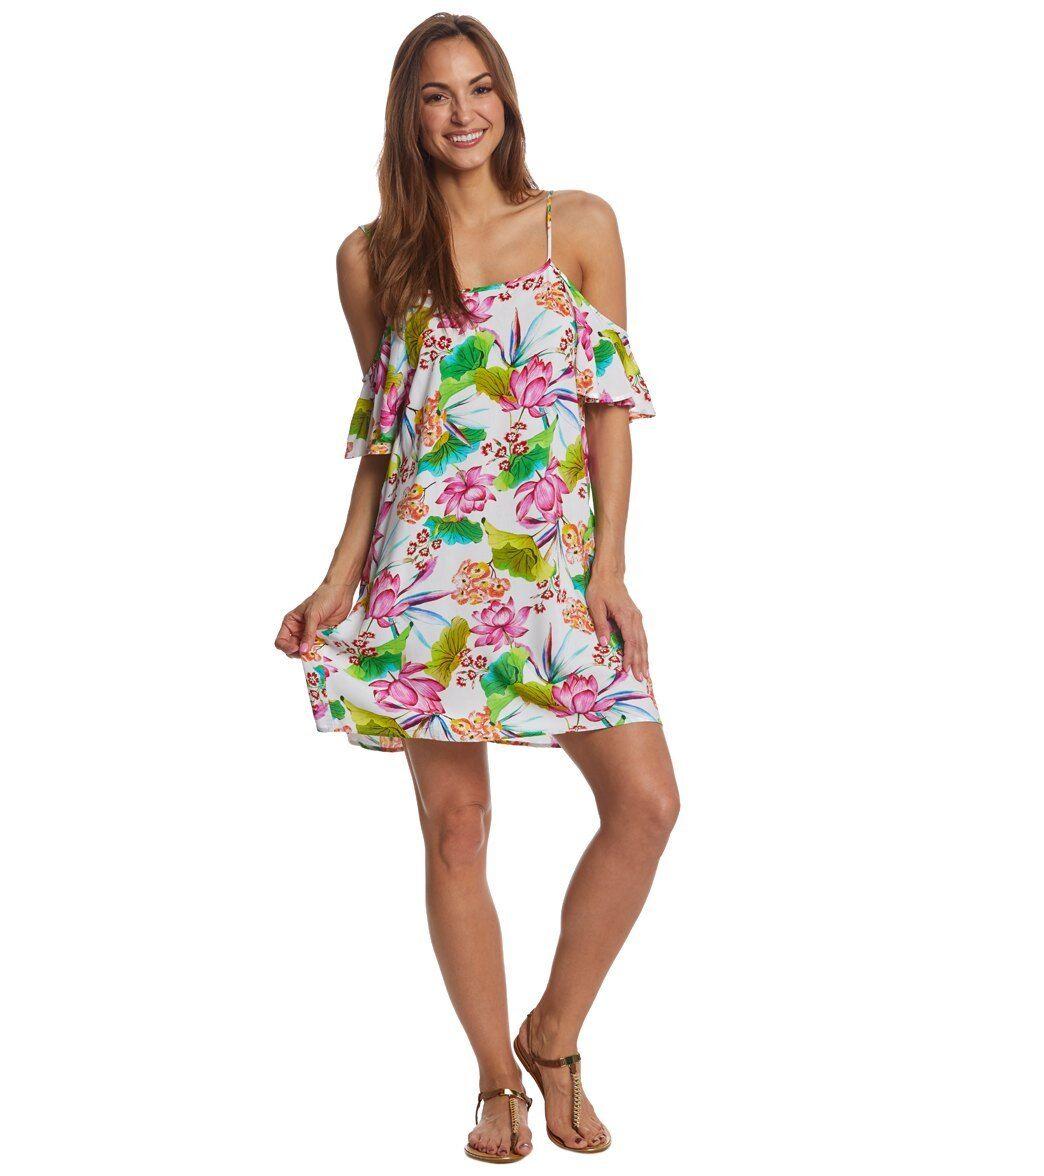 NEW La whitea Bora Bora Cold Shoulder  Dress  Cover  up  Size L